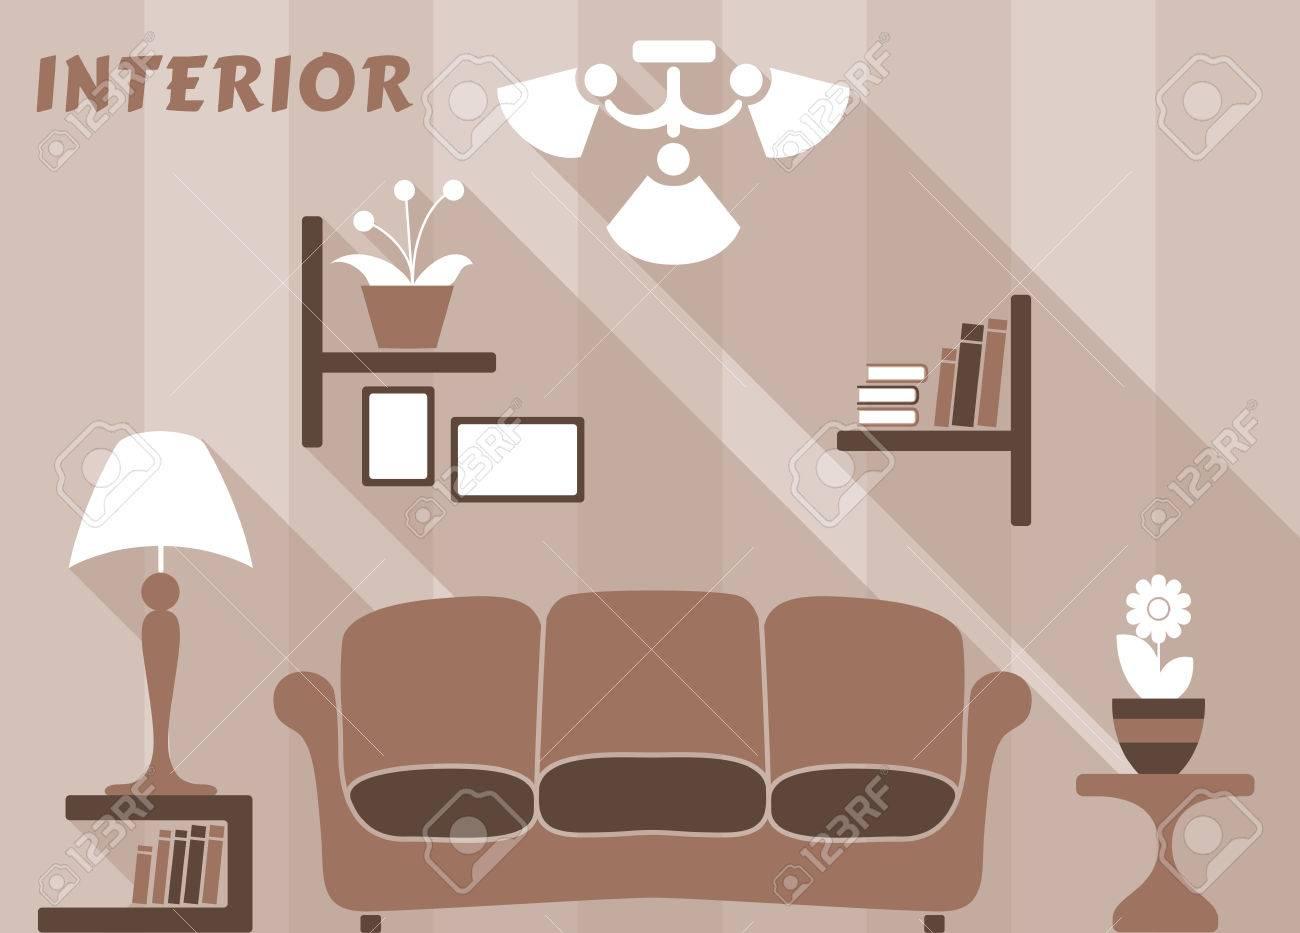 Standard Bild   Wohnung Moderne Innenraum Wohnzimmer In Weiß, Beige Und  Braune Farben Mit Bücherregalen Und Bilder, Sofa, Nachttische Mit Lampe,  Blumen, ...